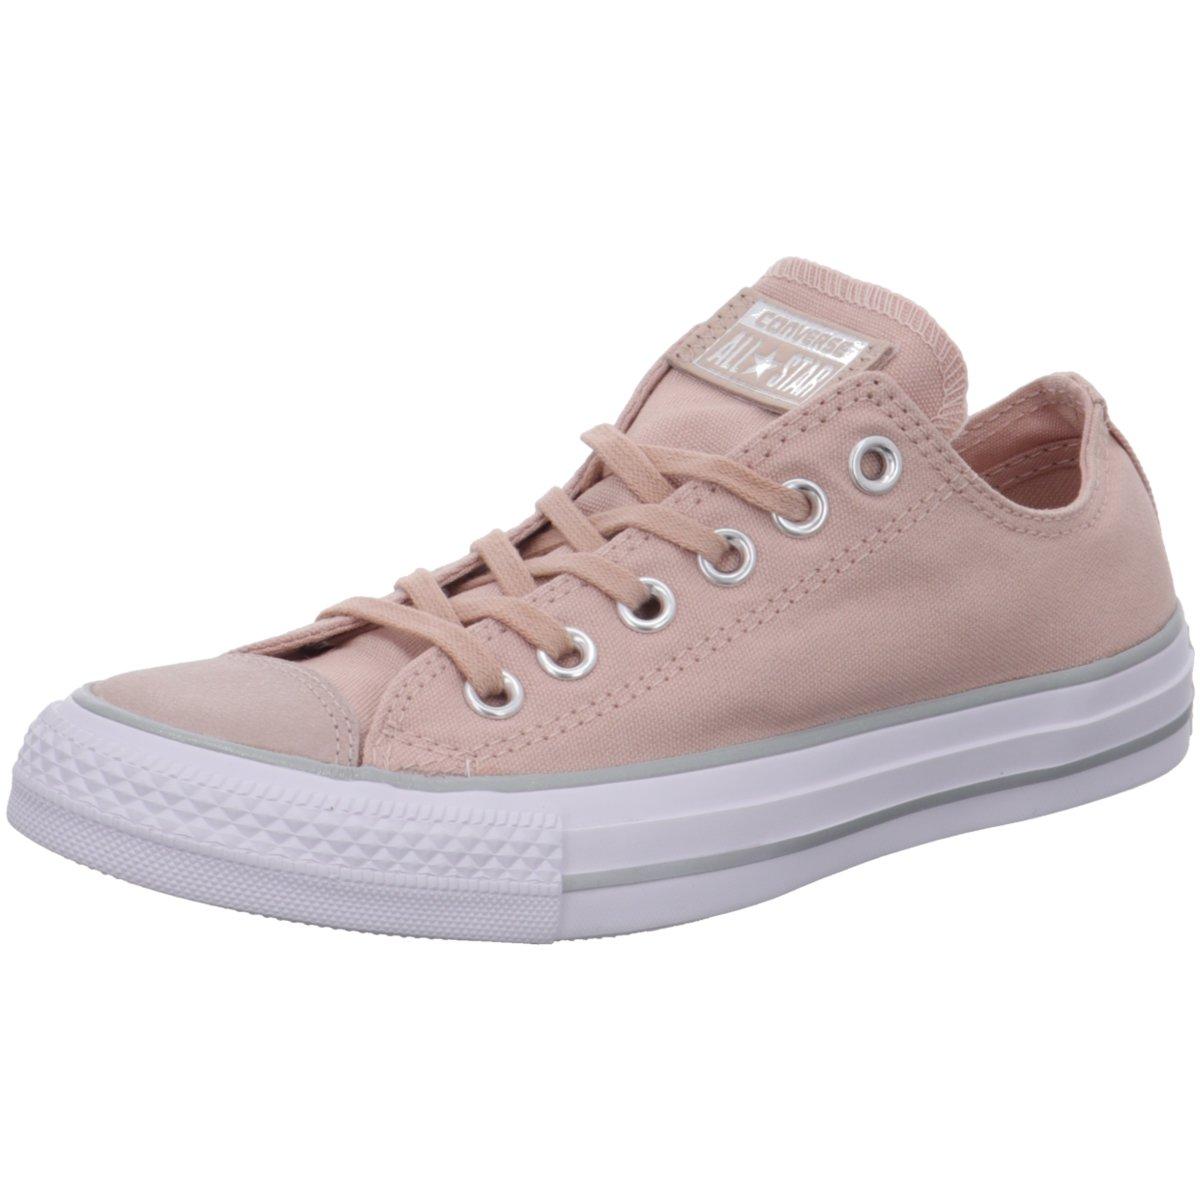 ireland rosado low cut converse 4e30f 96a36